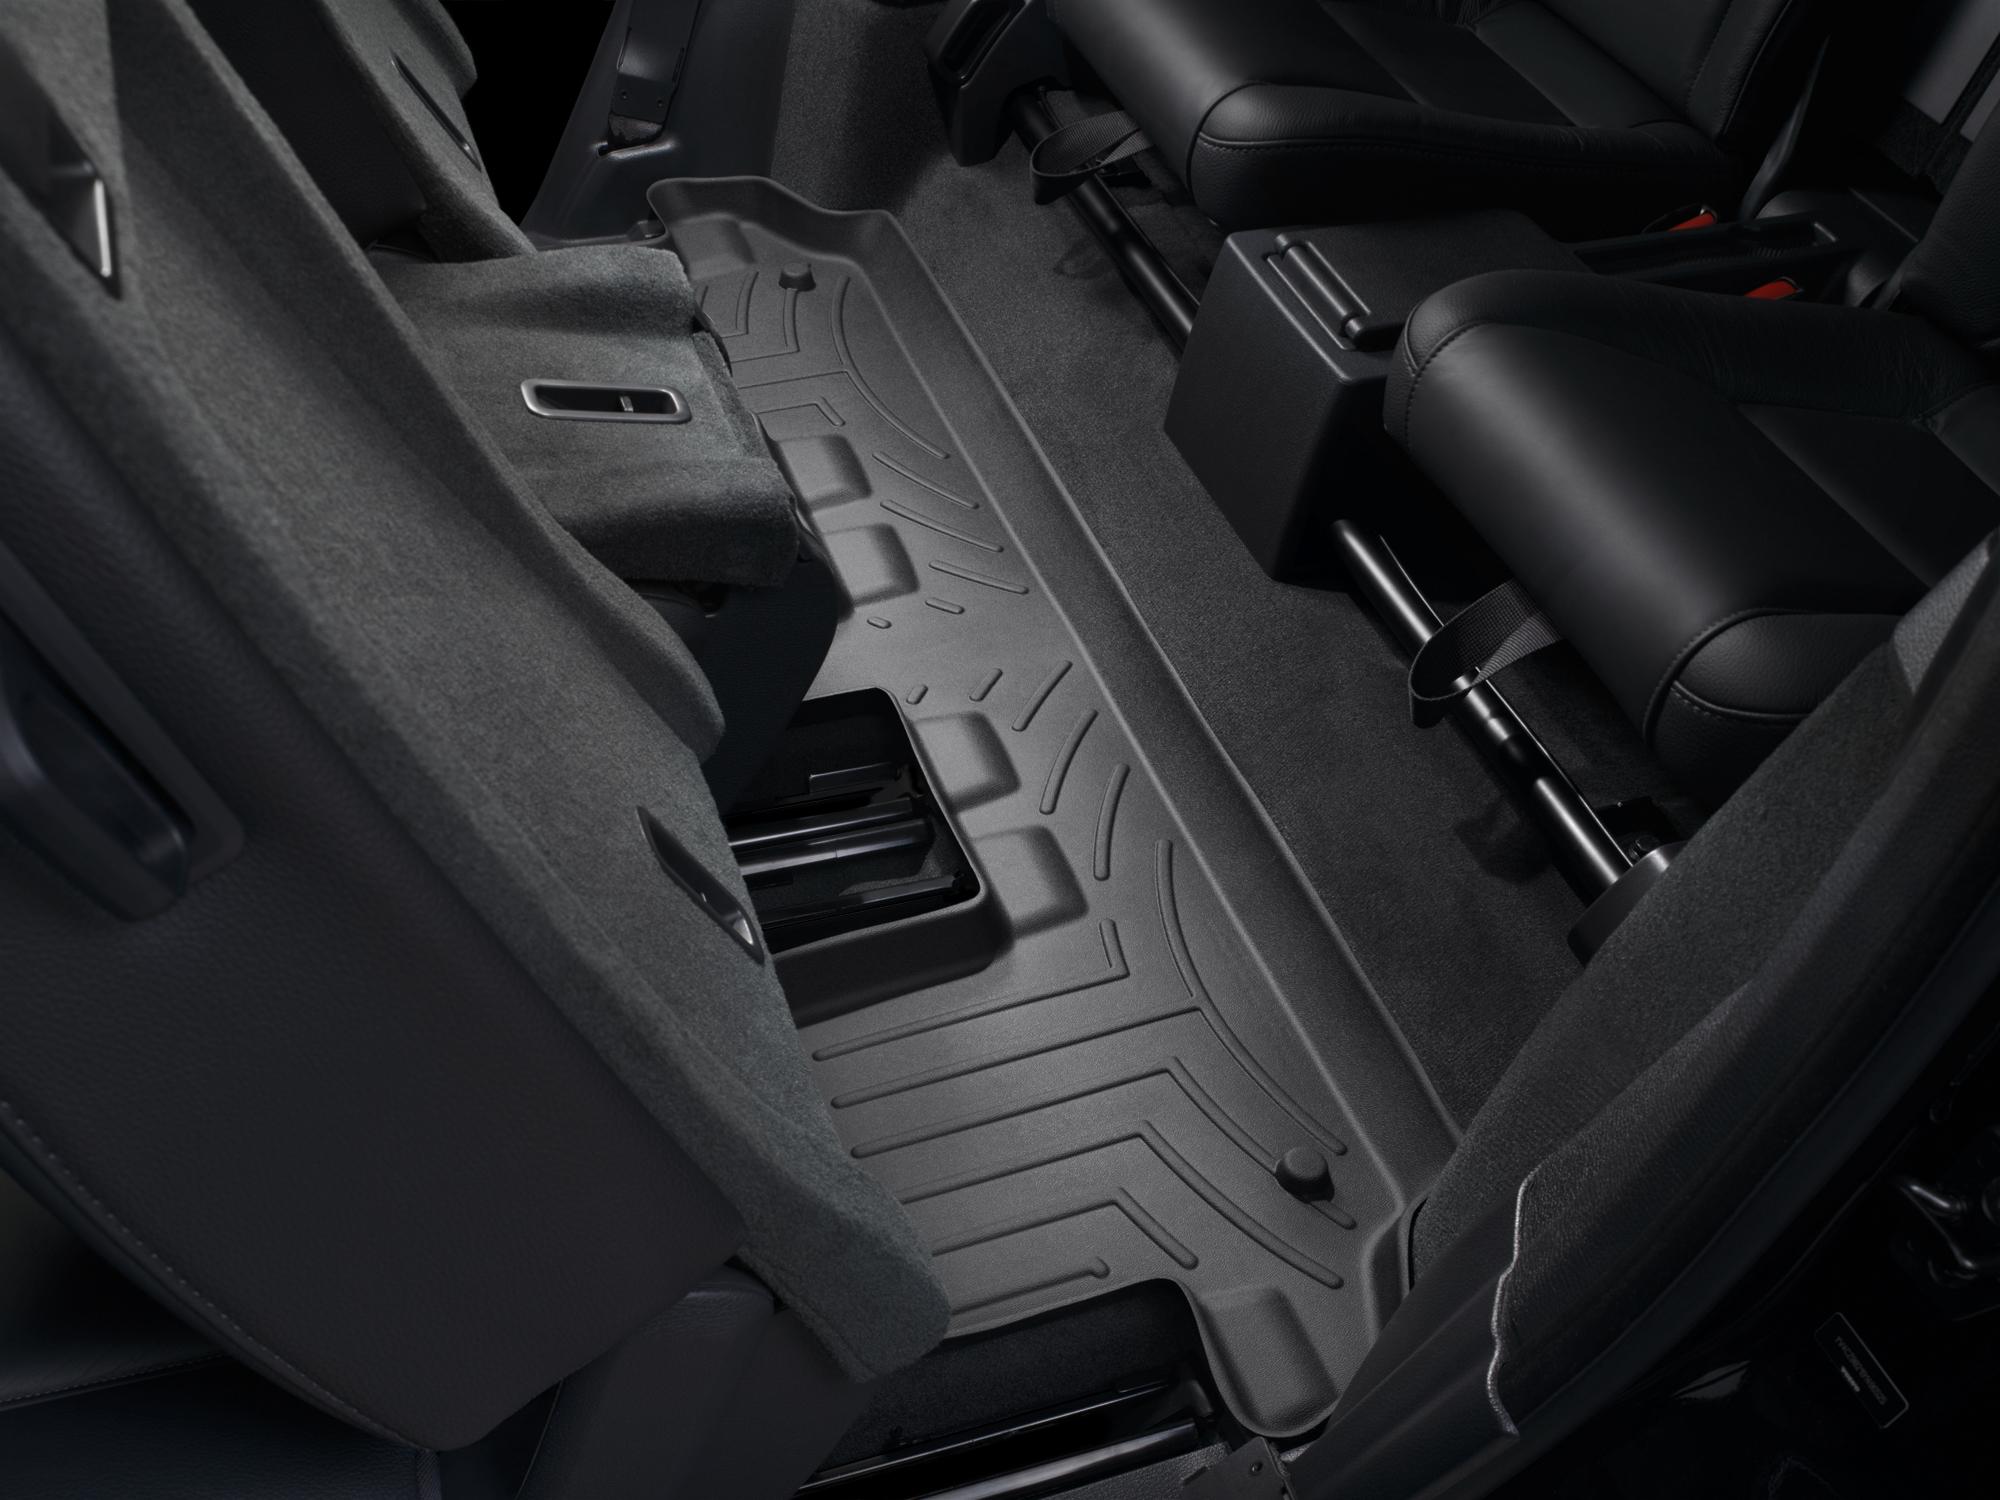 Tappeti gomma su misura bordo alto Volvo XC90 03>14 Nero A4451*